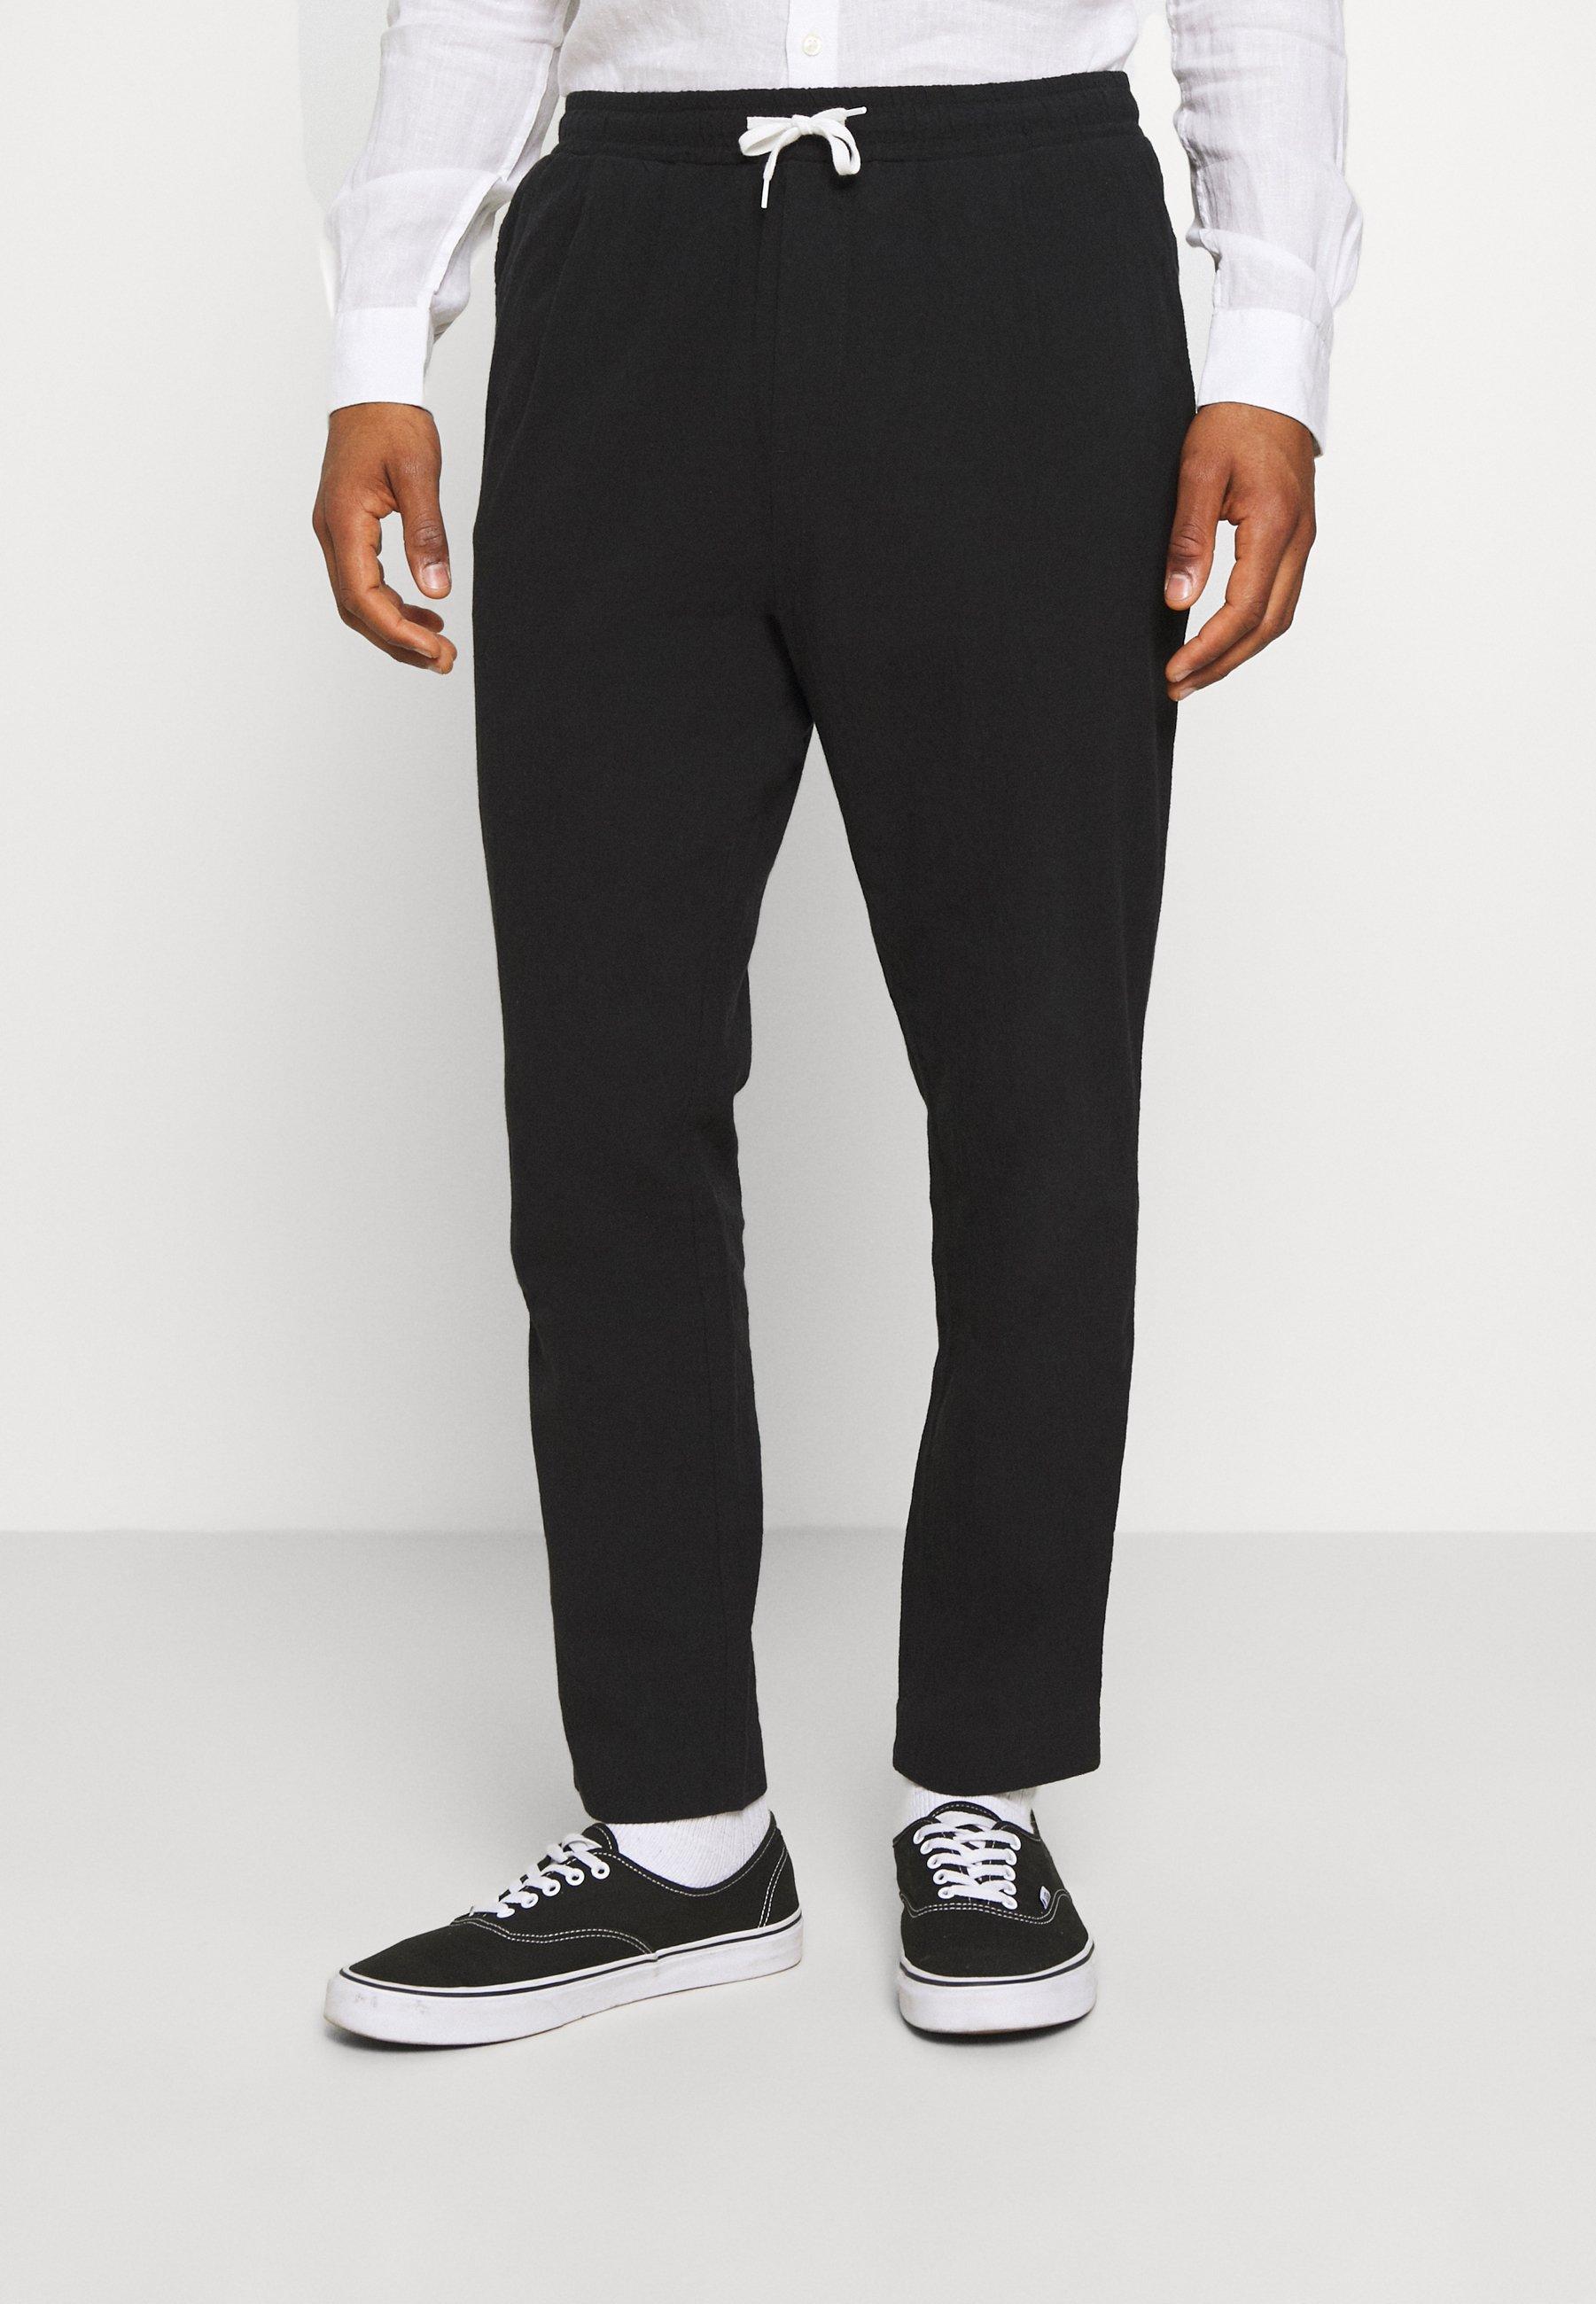 Homme THRILLER STRUCTURED TROUSERS - Pantalon de survêtement